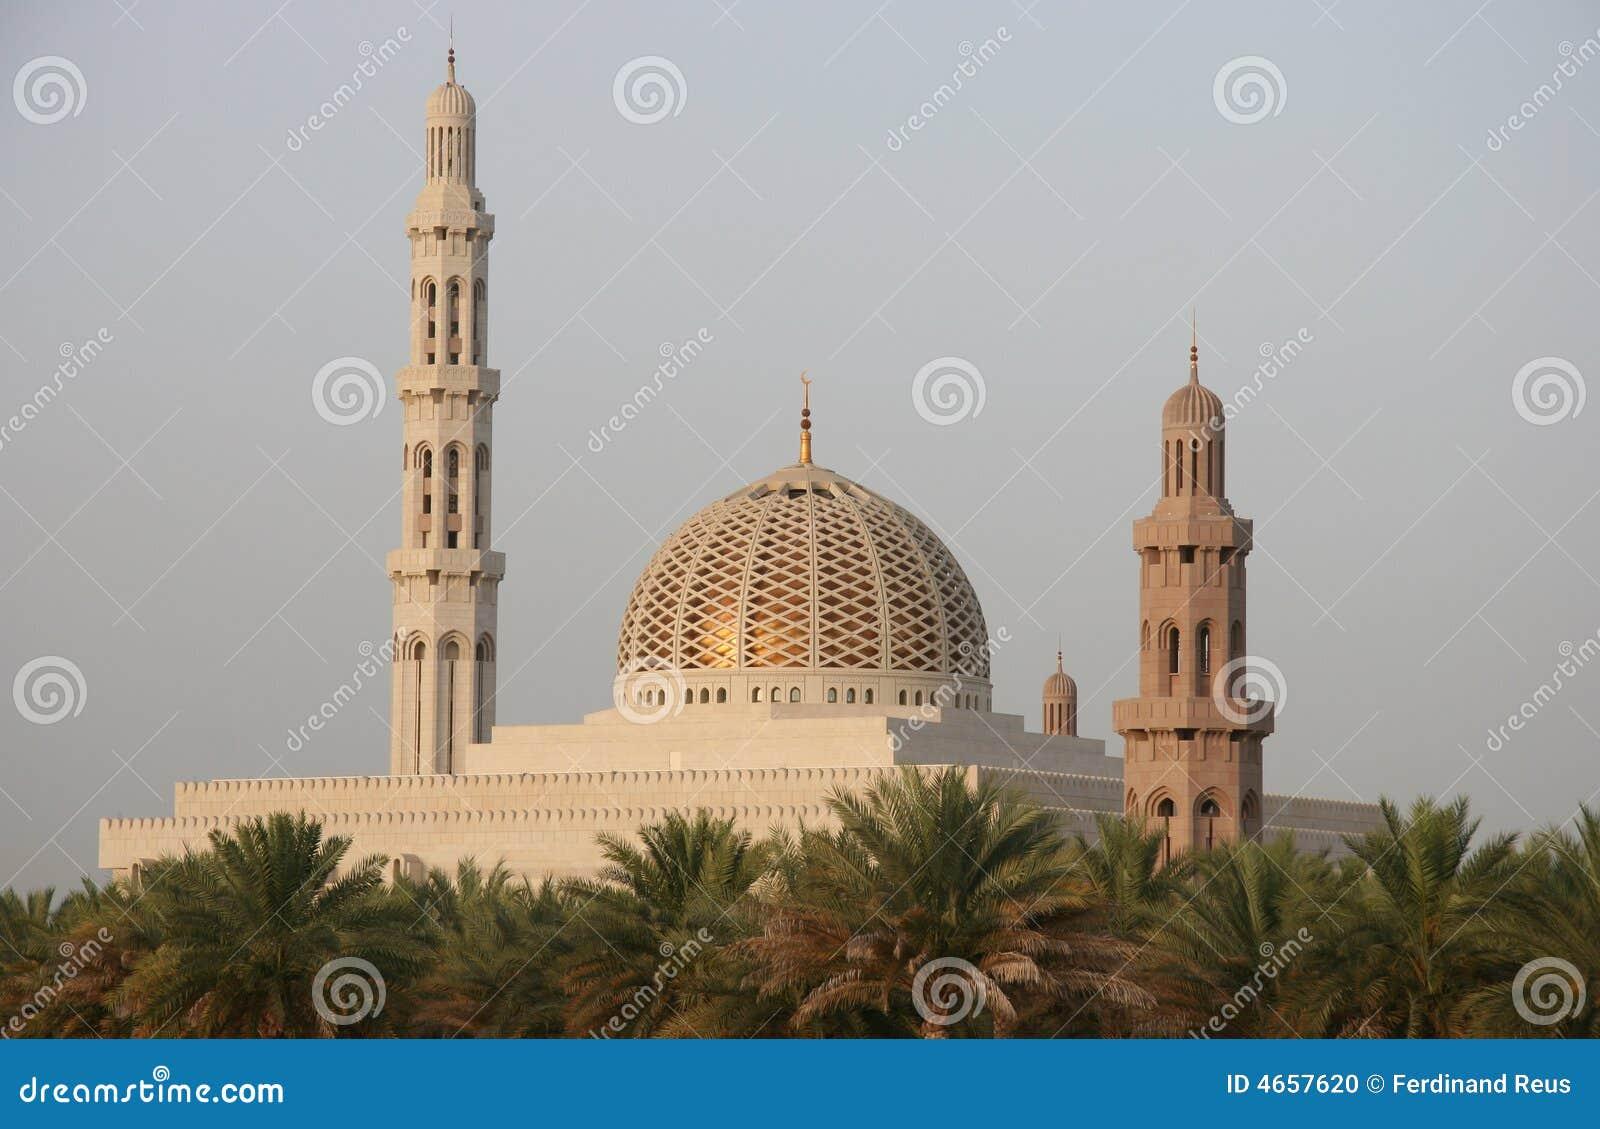 Oman mosk sułtan qaboos